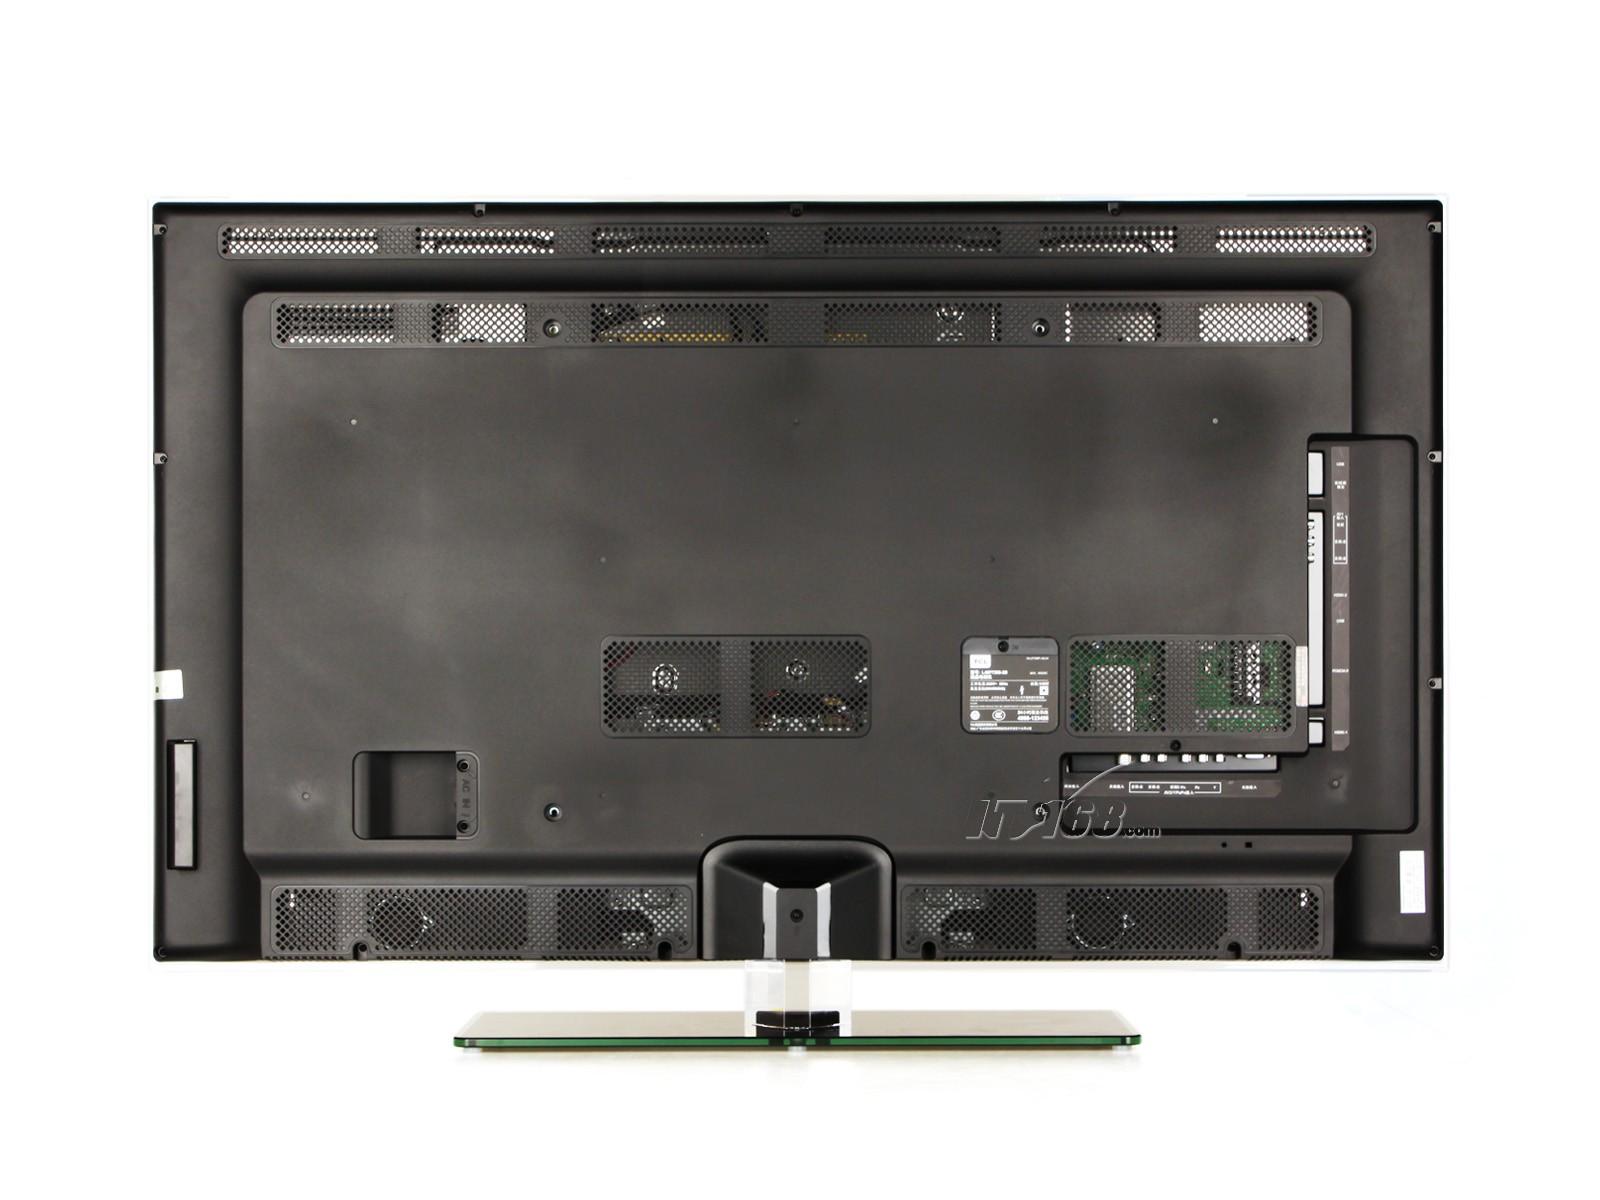 三星wb550相机_tcll46p7200-3d背面图片素材-it168平板电视图片大全